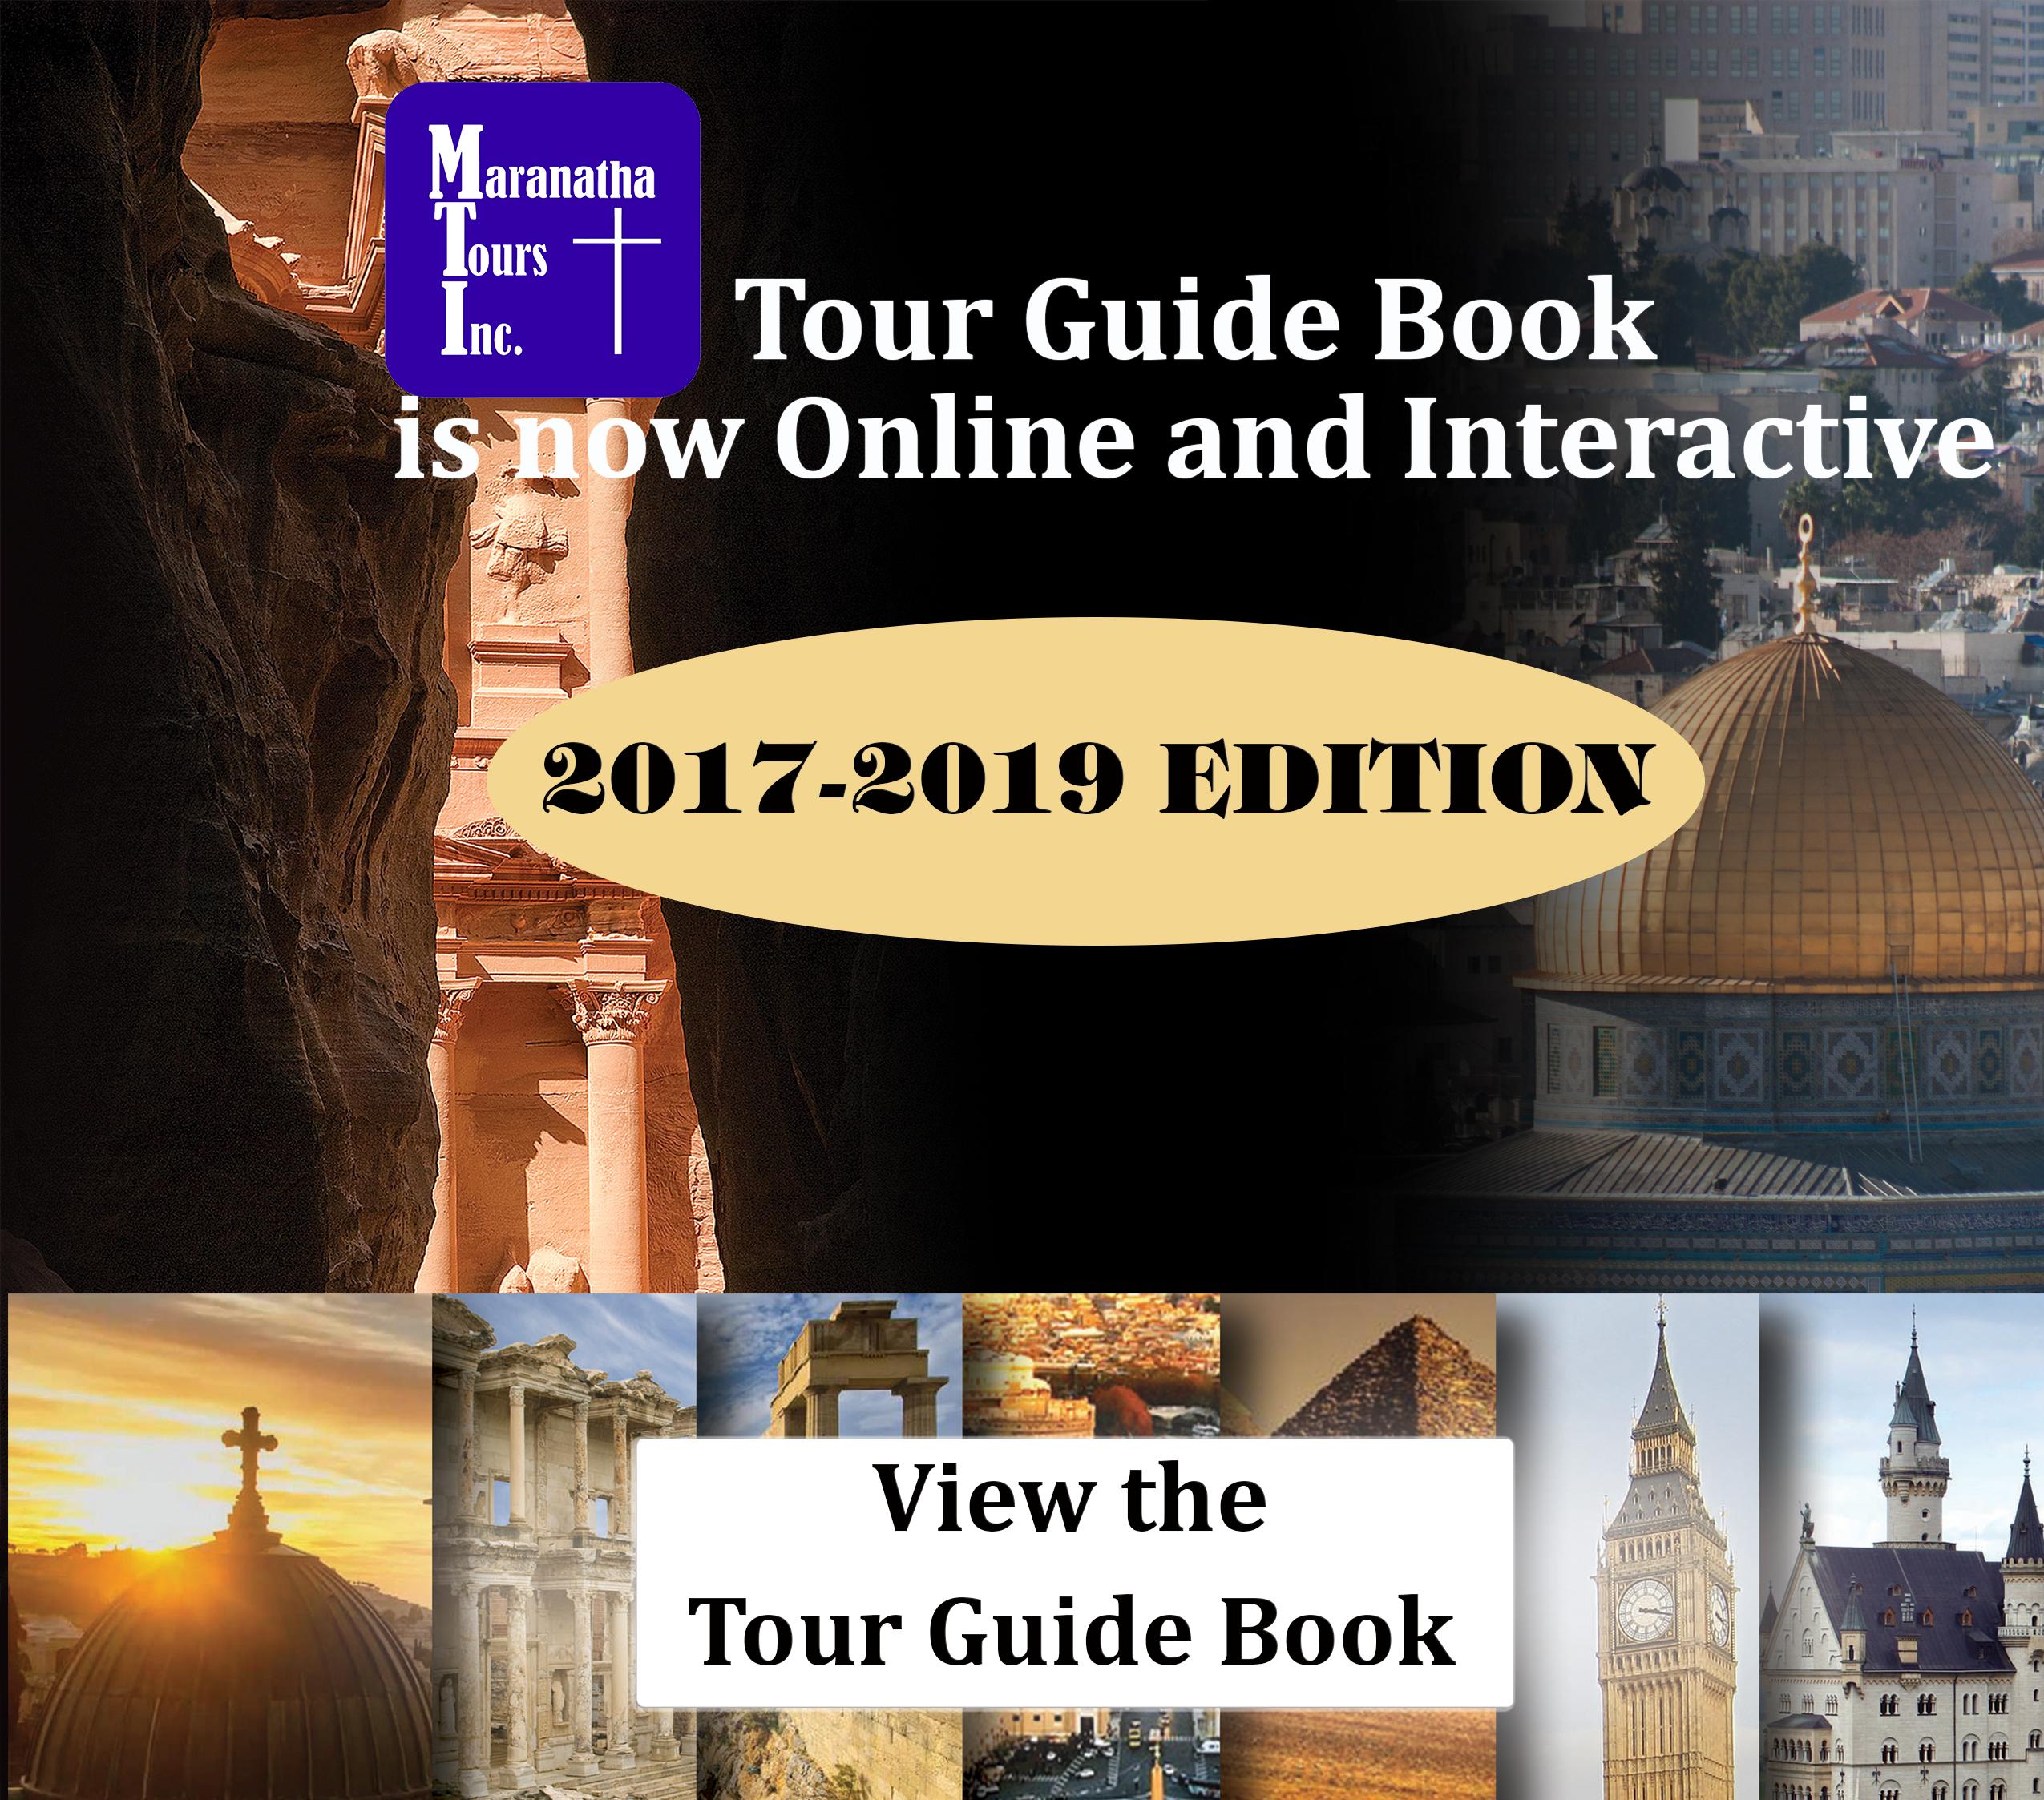 Maranatha Tours Travel Guide 2017-2019 Book | Maranatha Tours